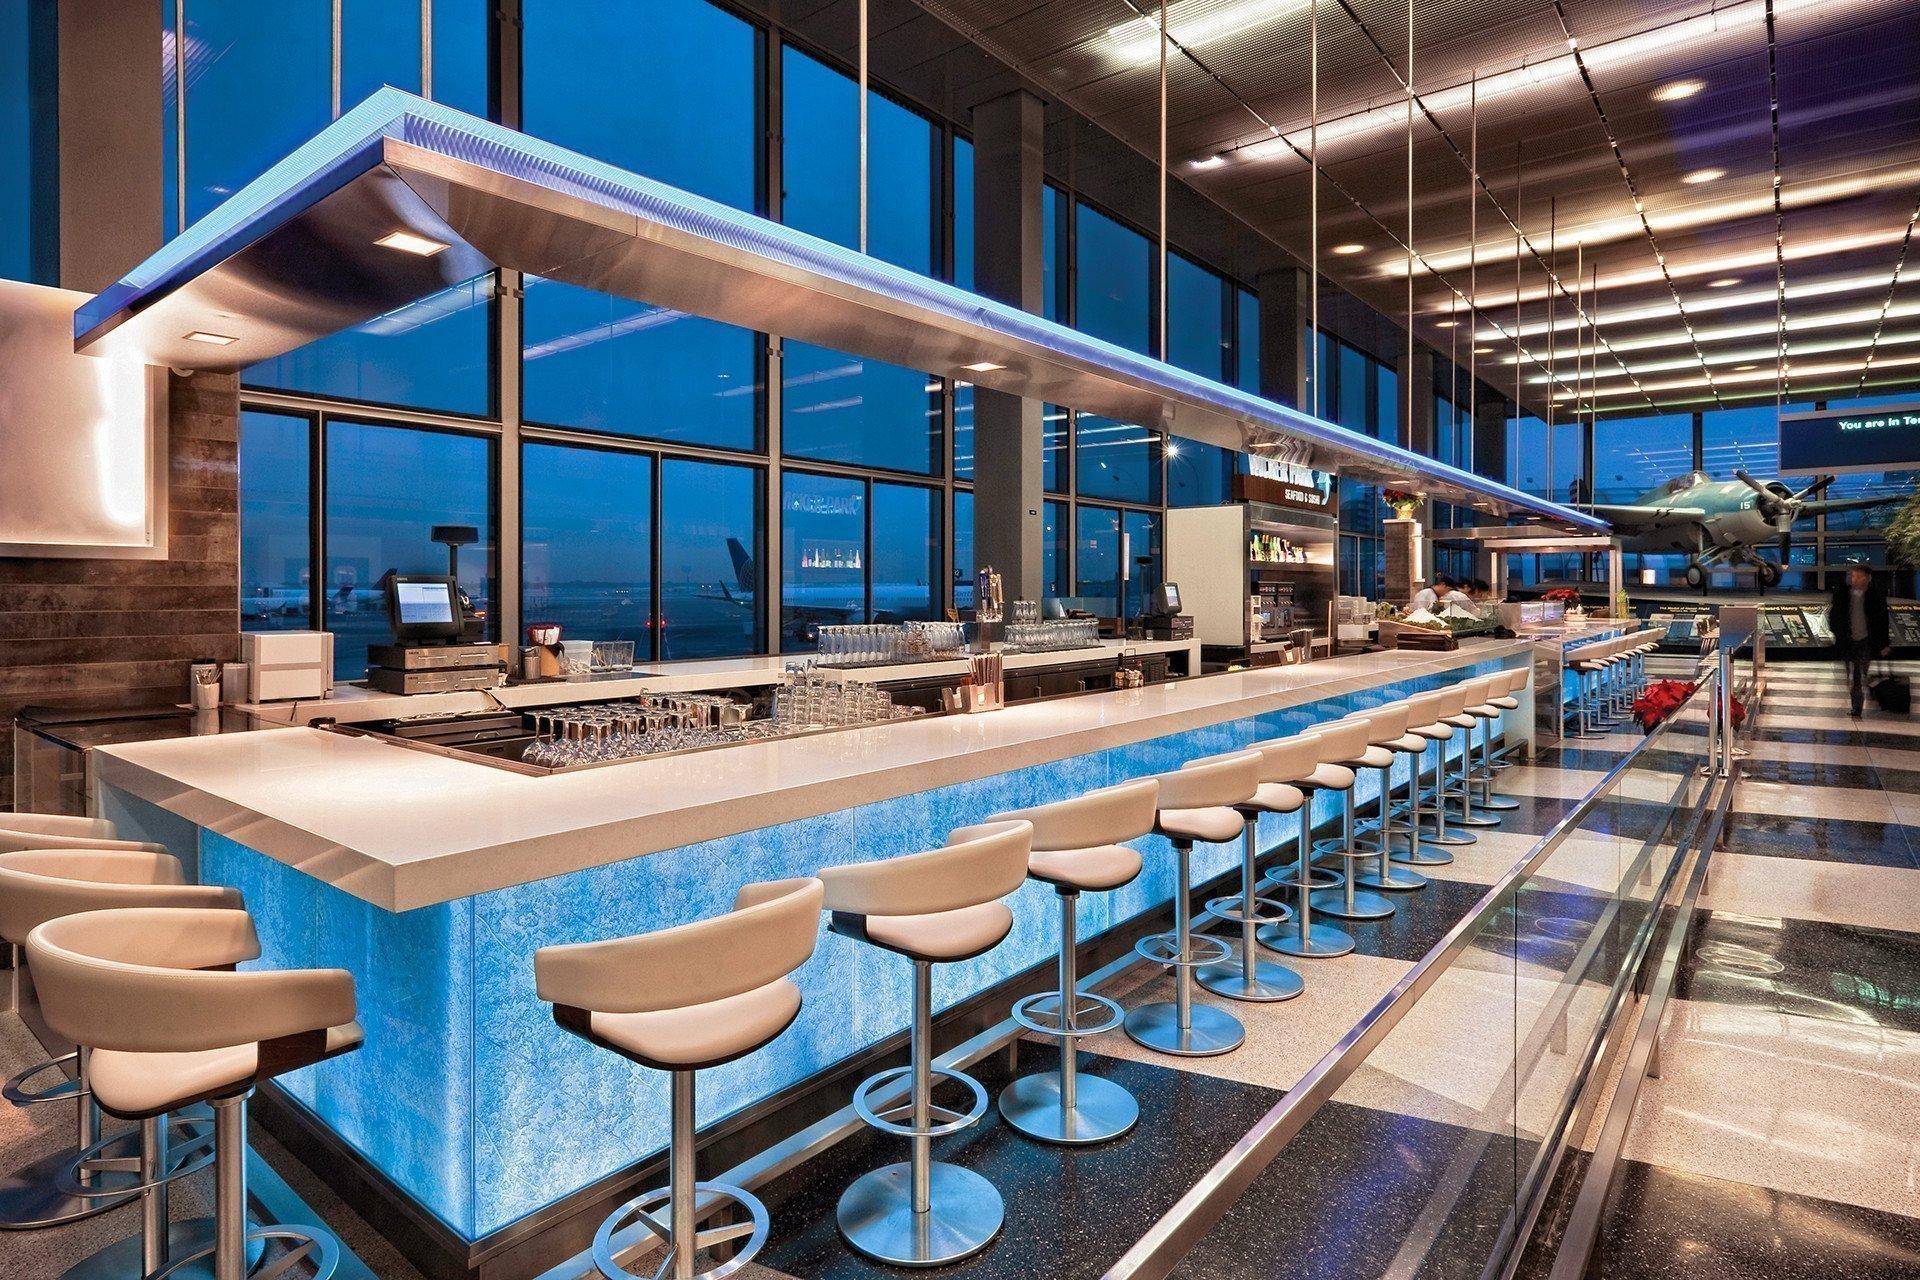 Sushi Kiosk Best Bar Counter